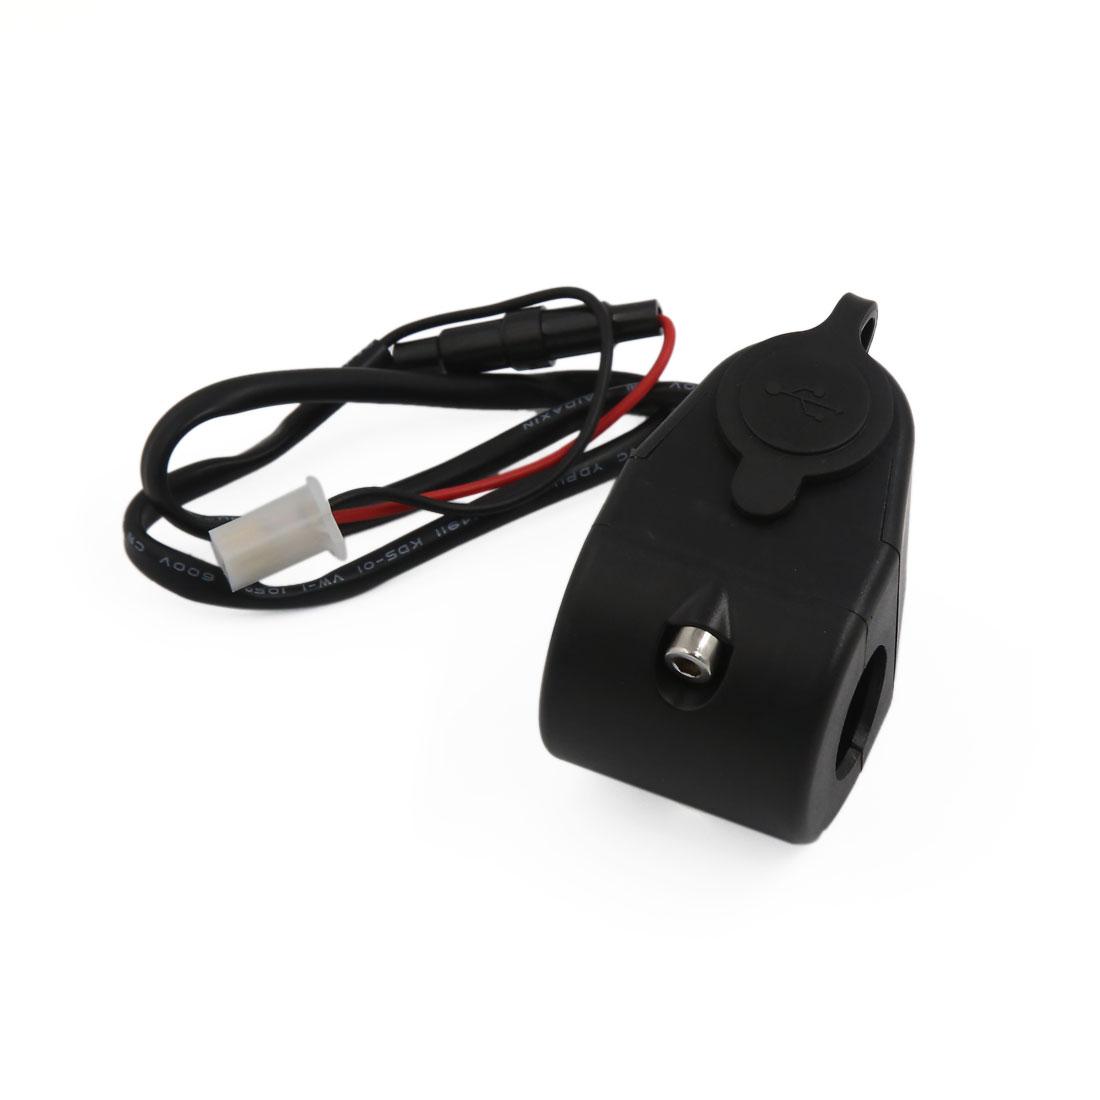 Black Car Cigarette Lighter Socket Adapter Splitter Charger Double USB